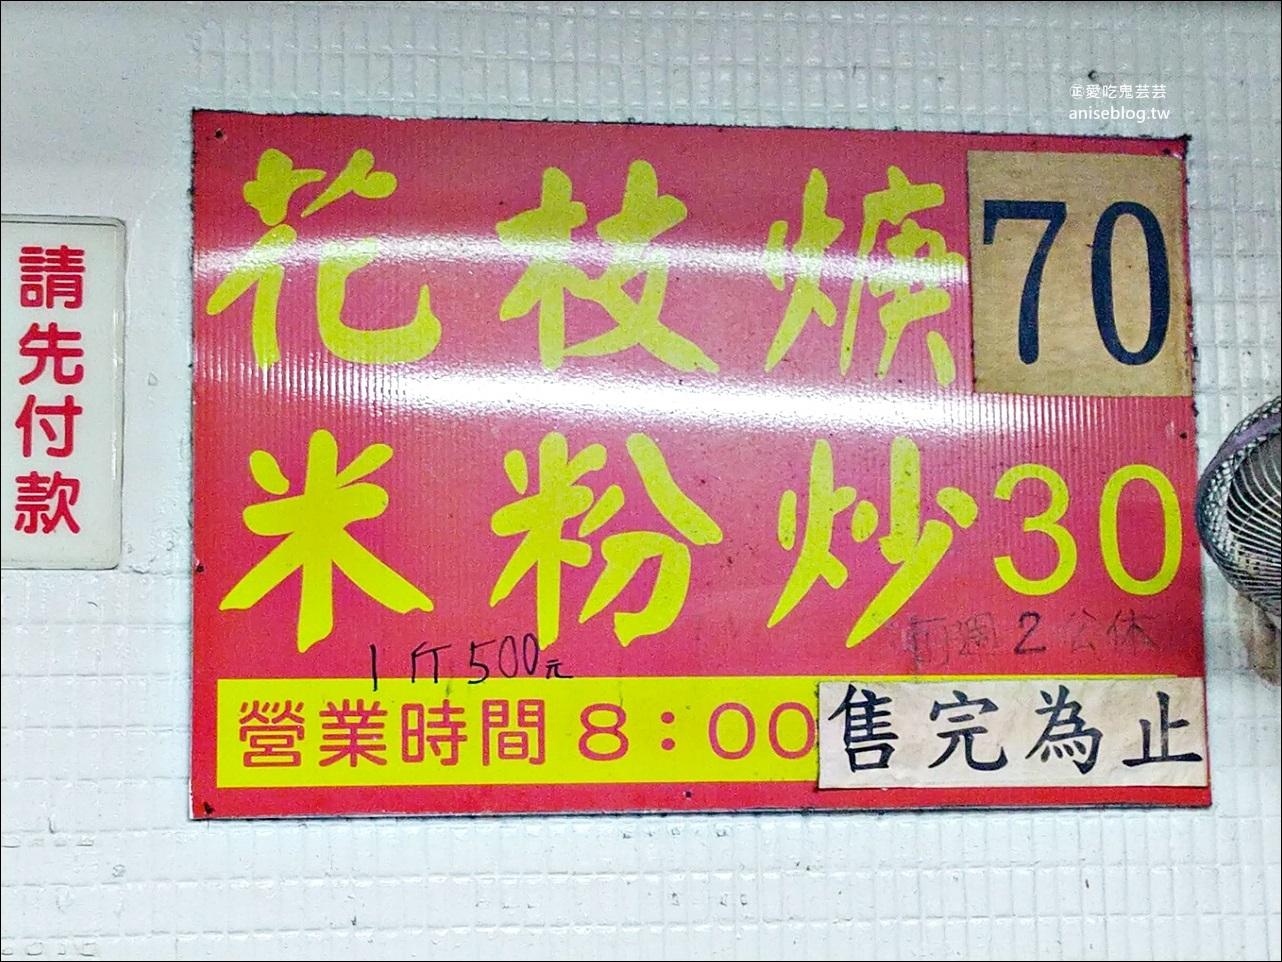 朱記花枝羹米粉炒、萬粒肉圓,三重三和夜市超人氣小吃,捷運台北橋站美食(姊姊食記)